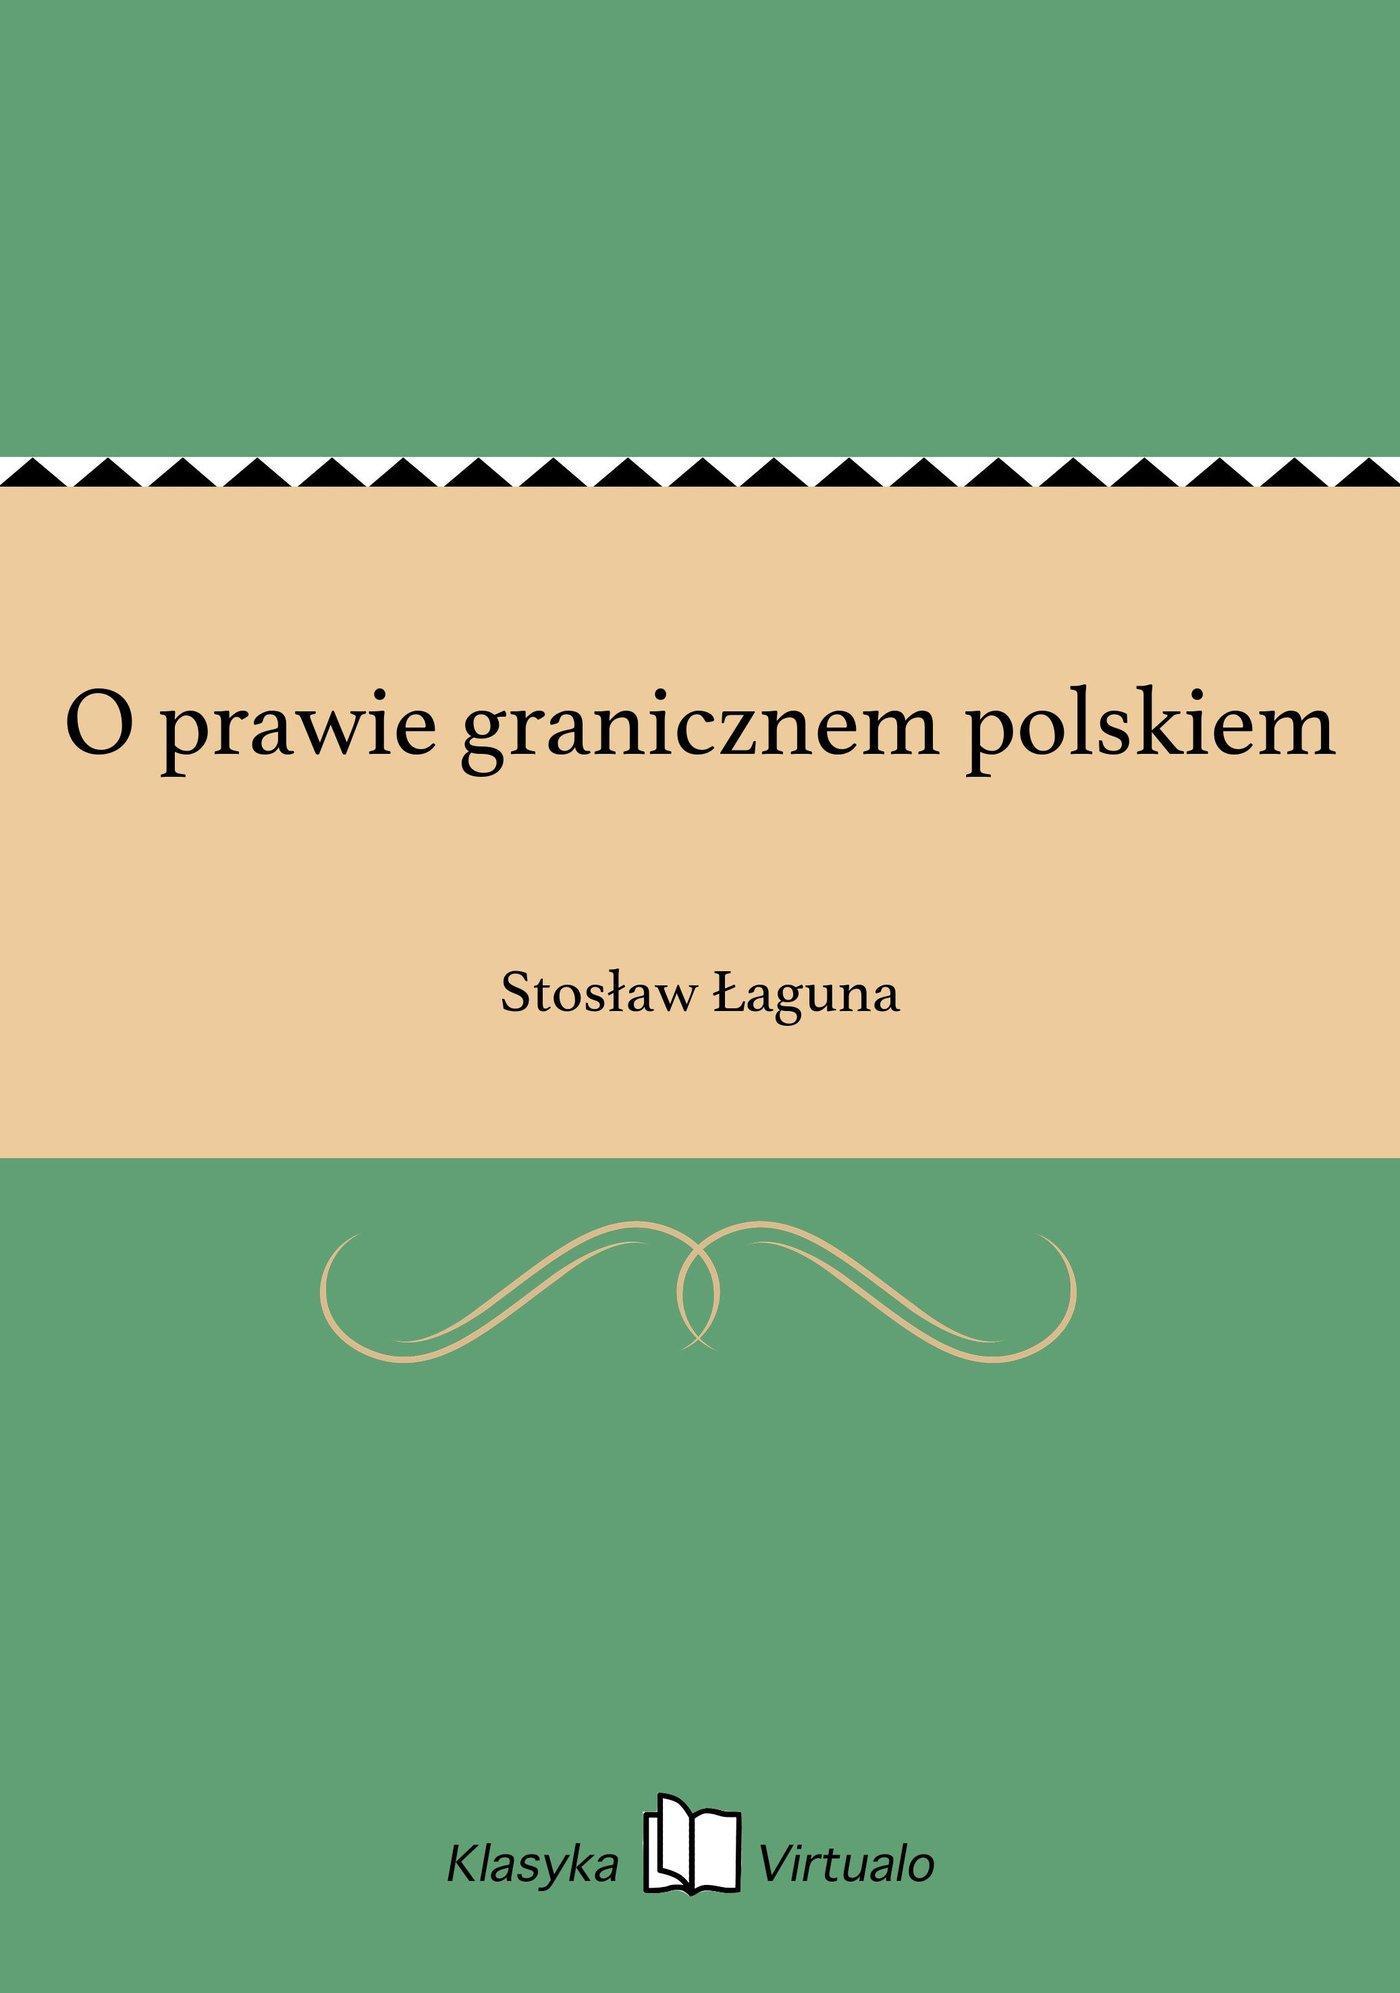 O prawie granicznem polskiem - Ebook (Książka EPUB) do pobrania w formacie EPUB